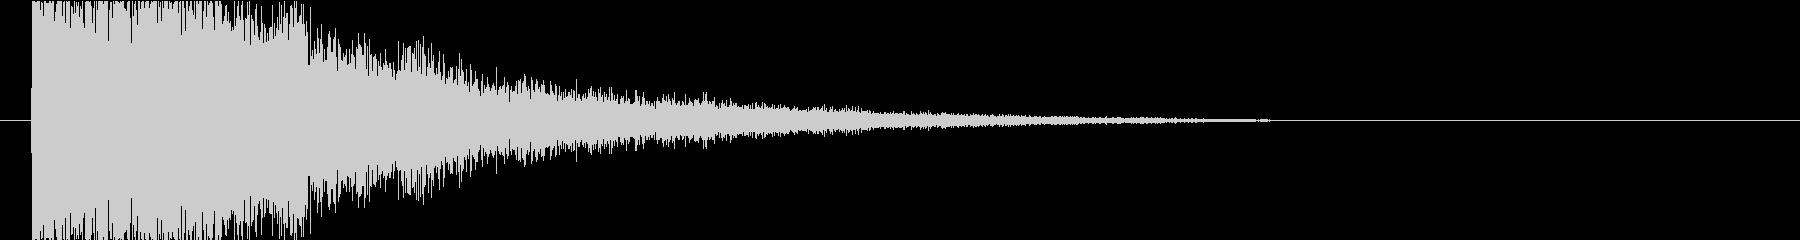 衝撃 フラッシュ01の未再生の波形